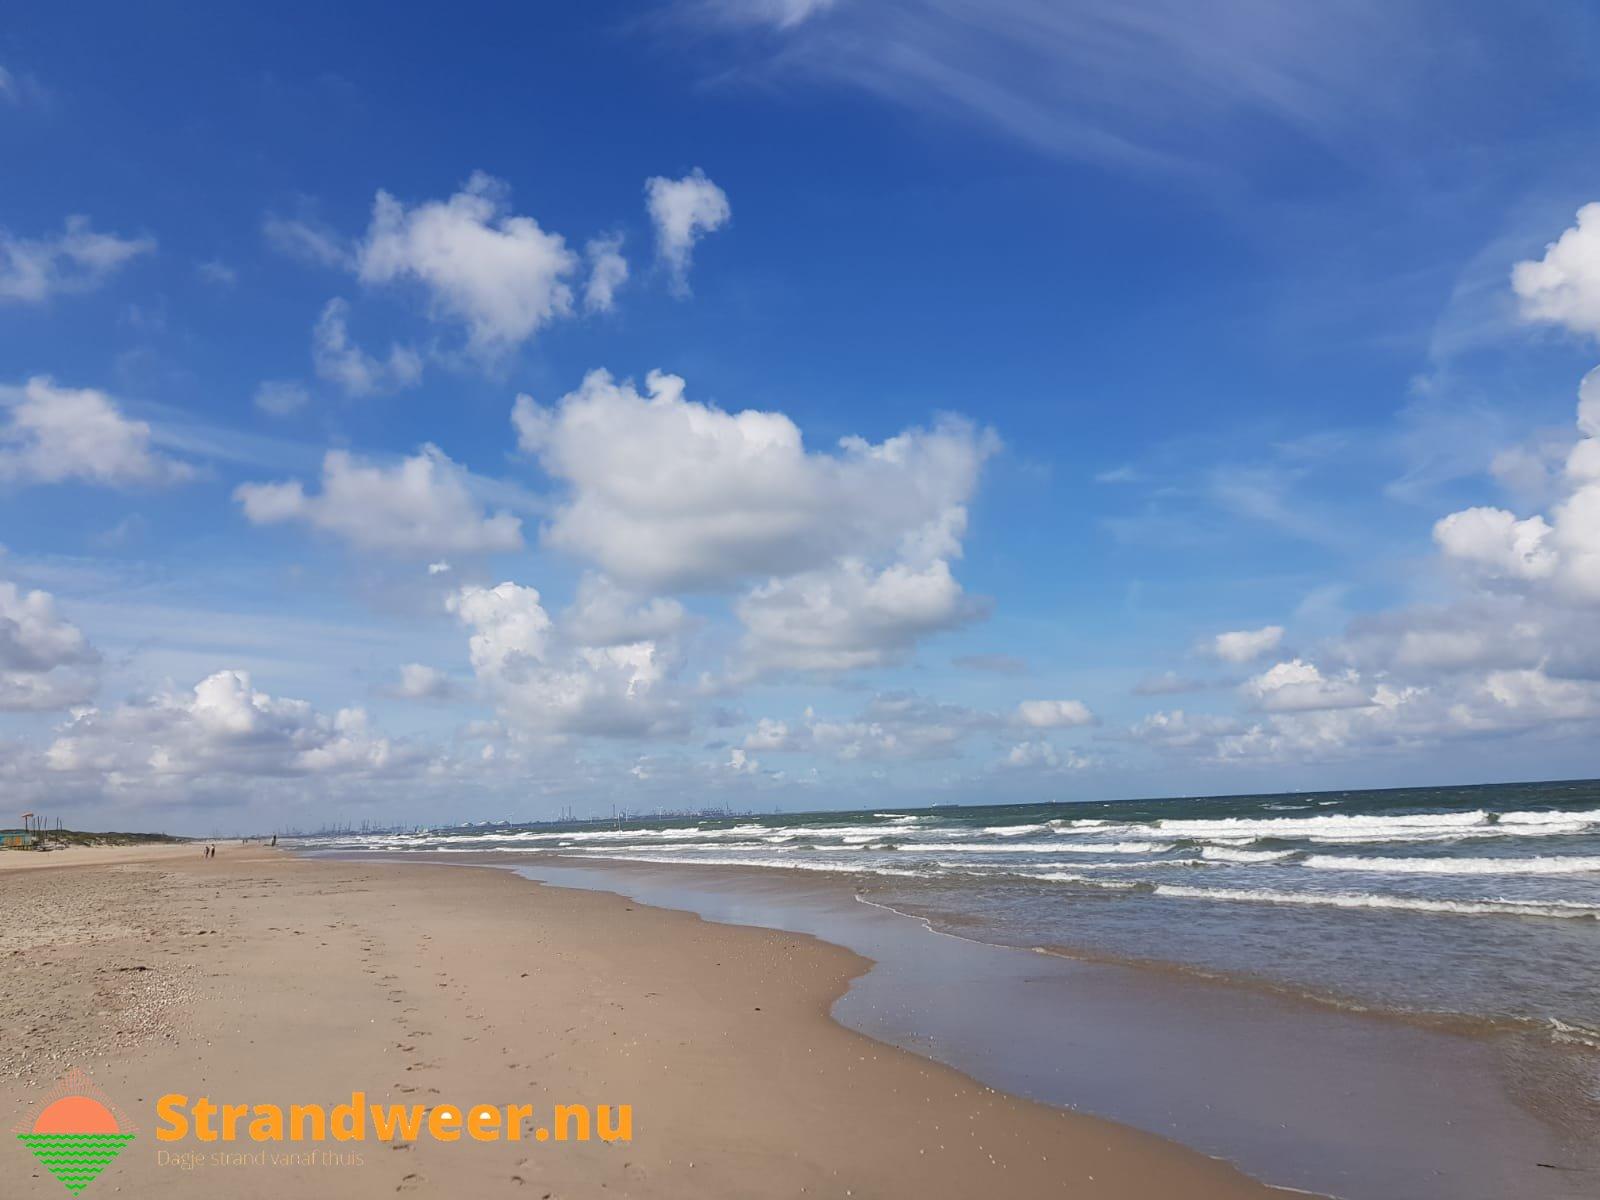 Het strandweer voor donderdag 22 augustus